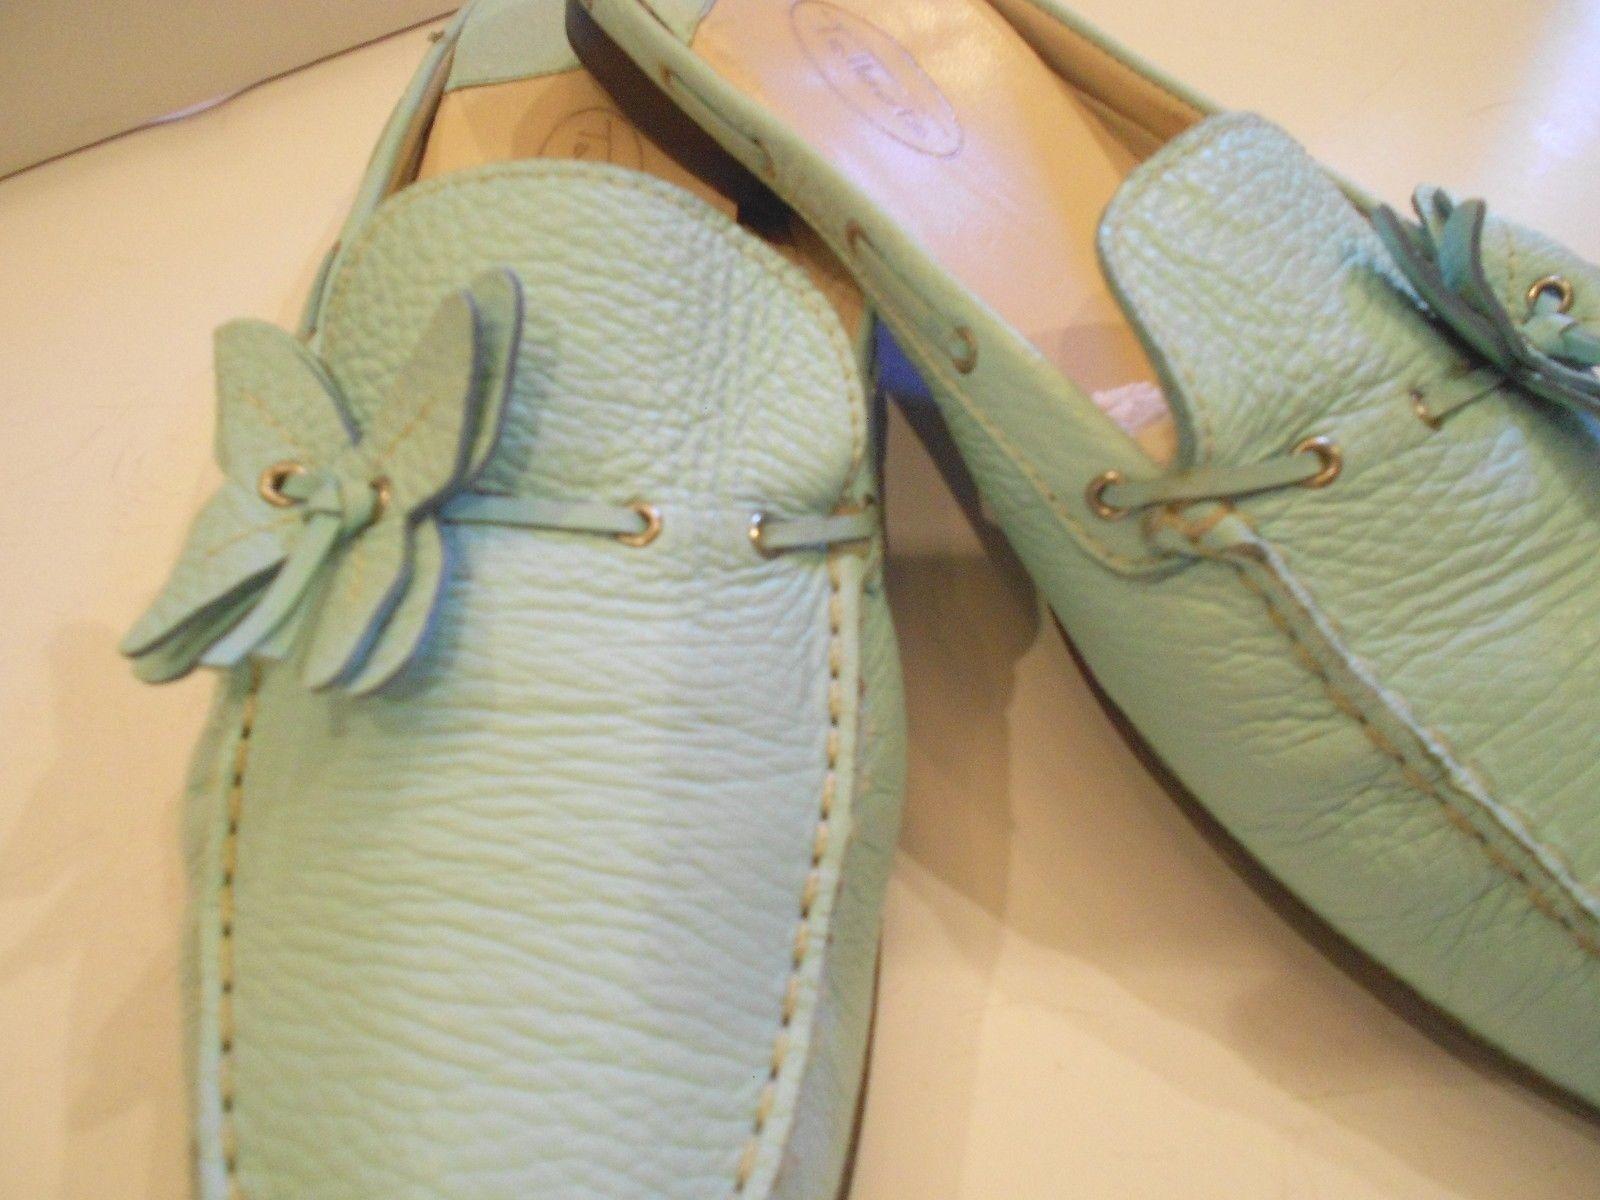 Lindo Talbots Cuero Slip On On On En Azul verde 11B Med al por menor  120  compras en linea